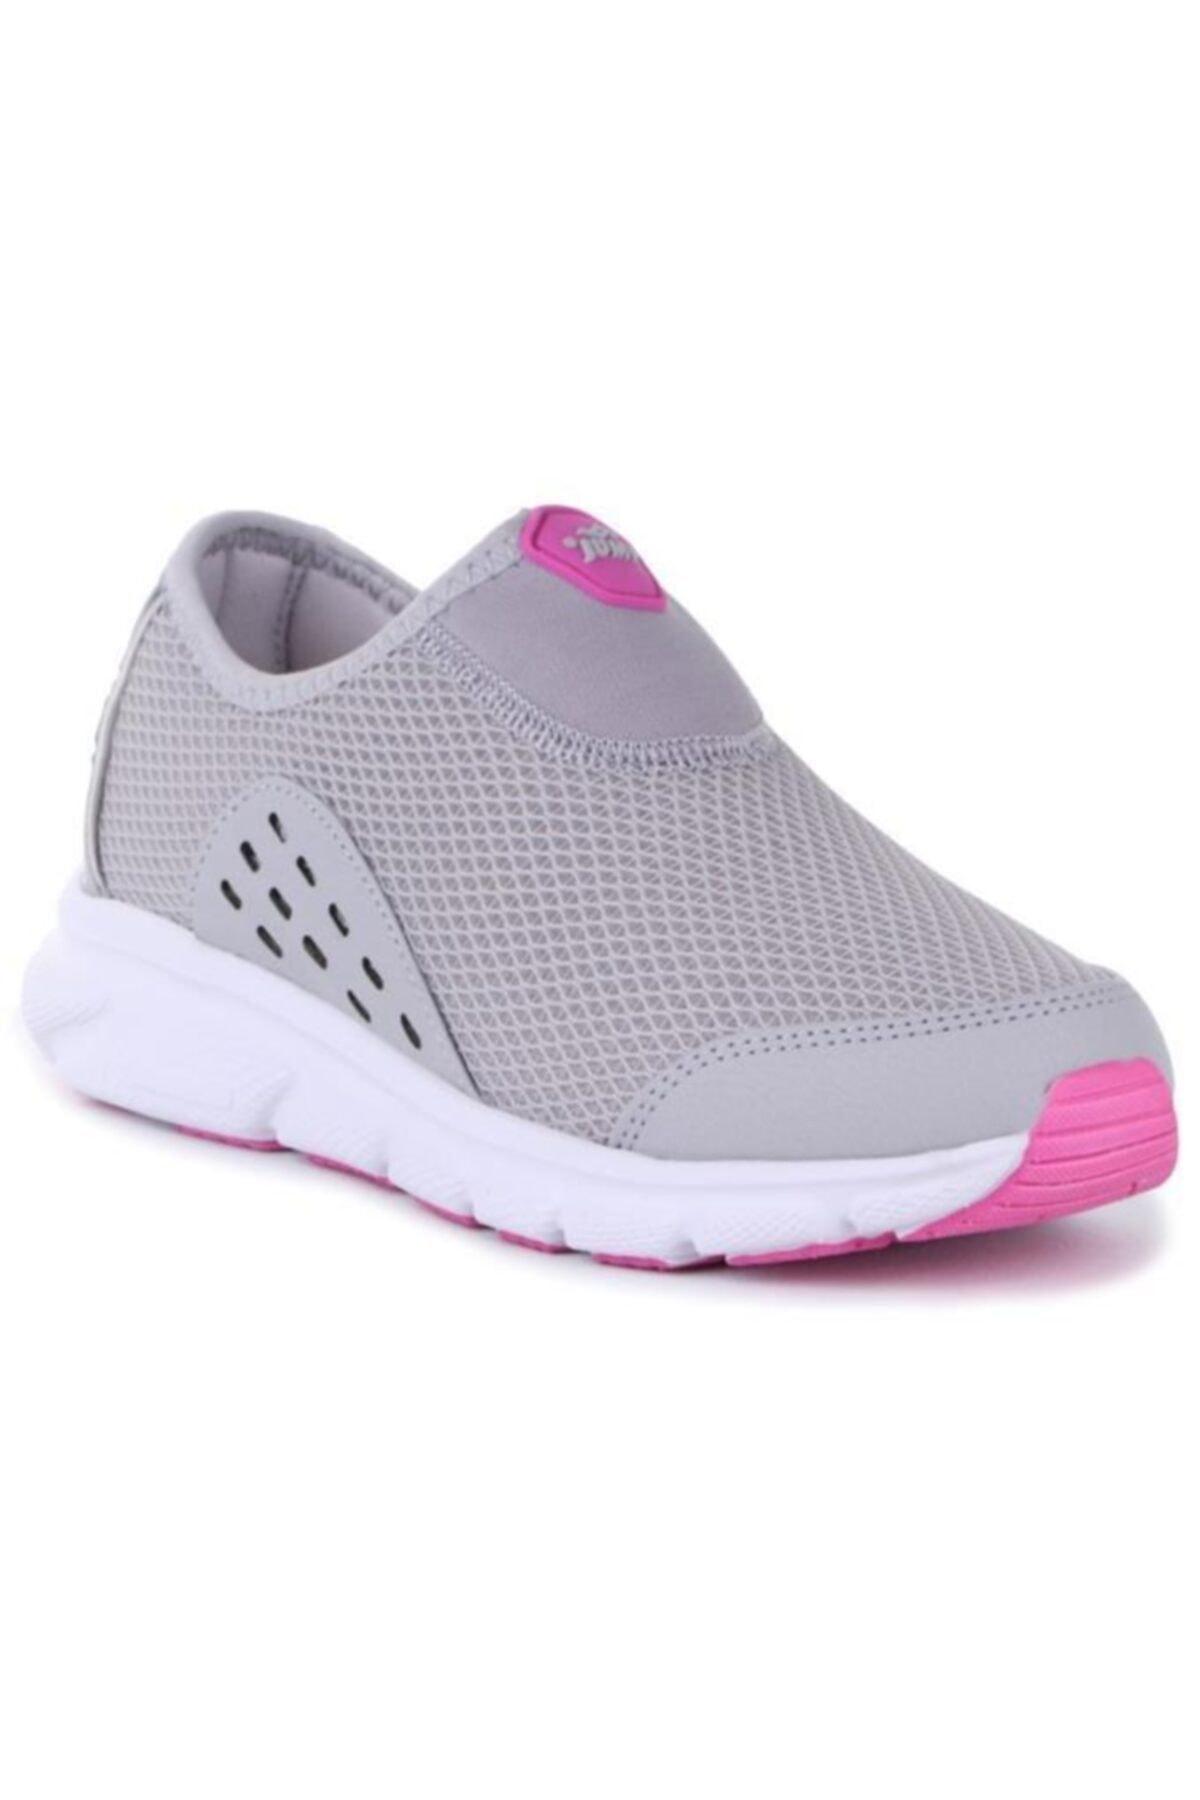 Jump 24707 Comfort System Kadın Spor Ayakkabı 1